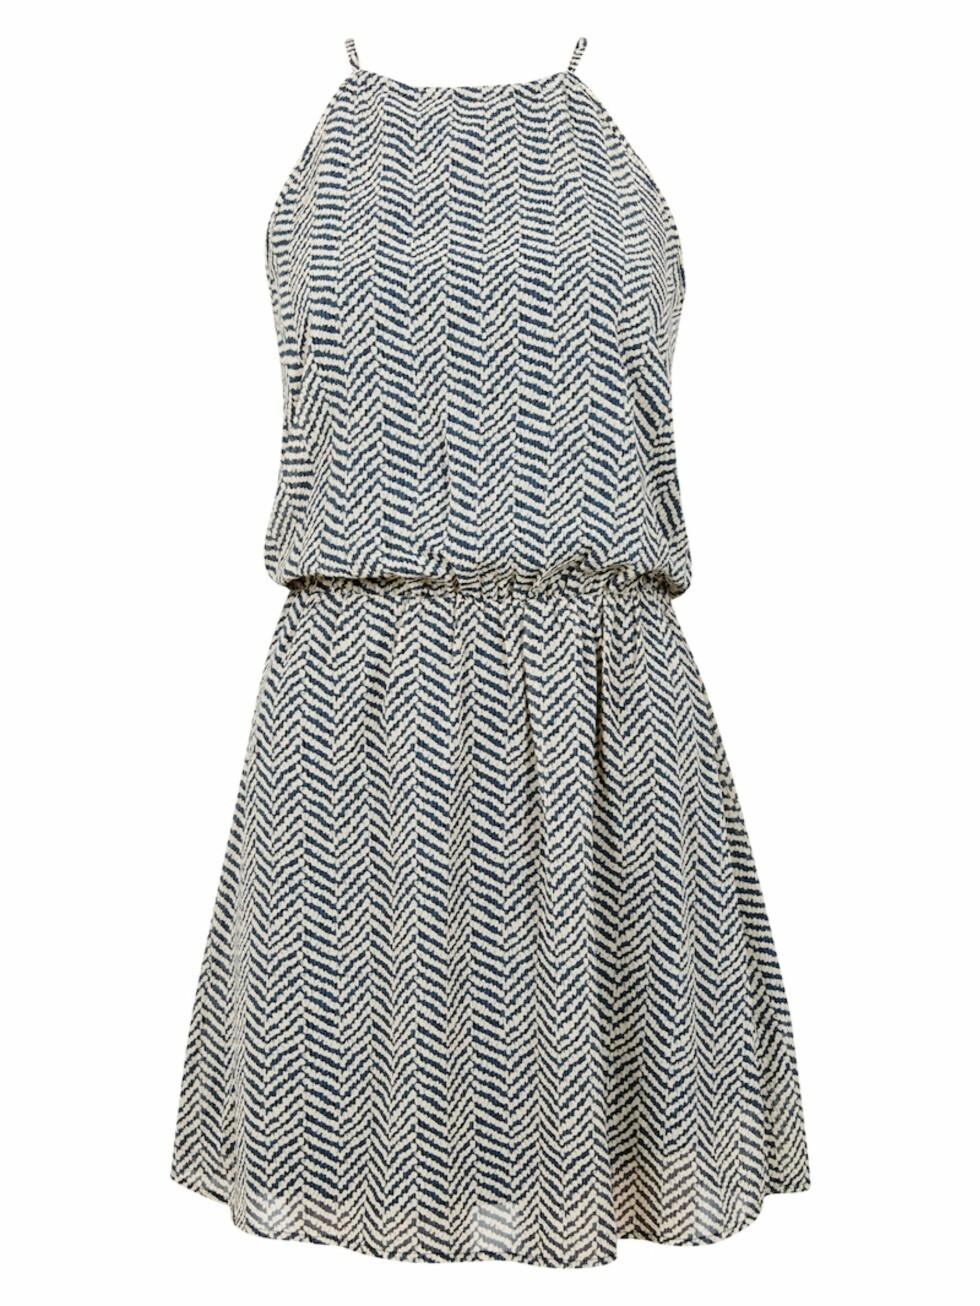 Kjole fra Cubus, kr 299. Foto: Produsenten